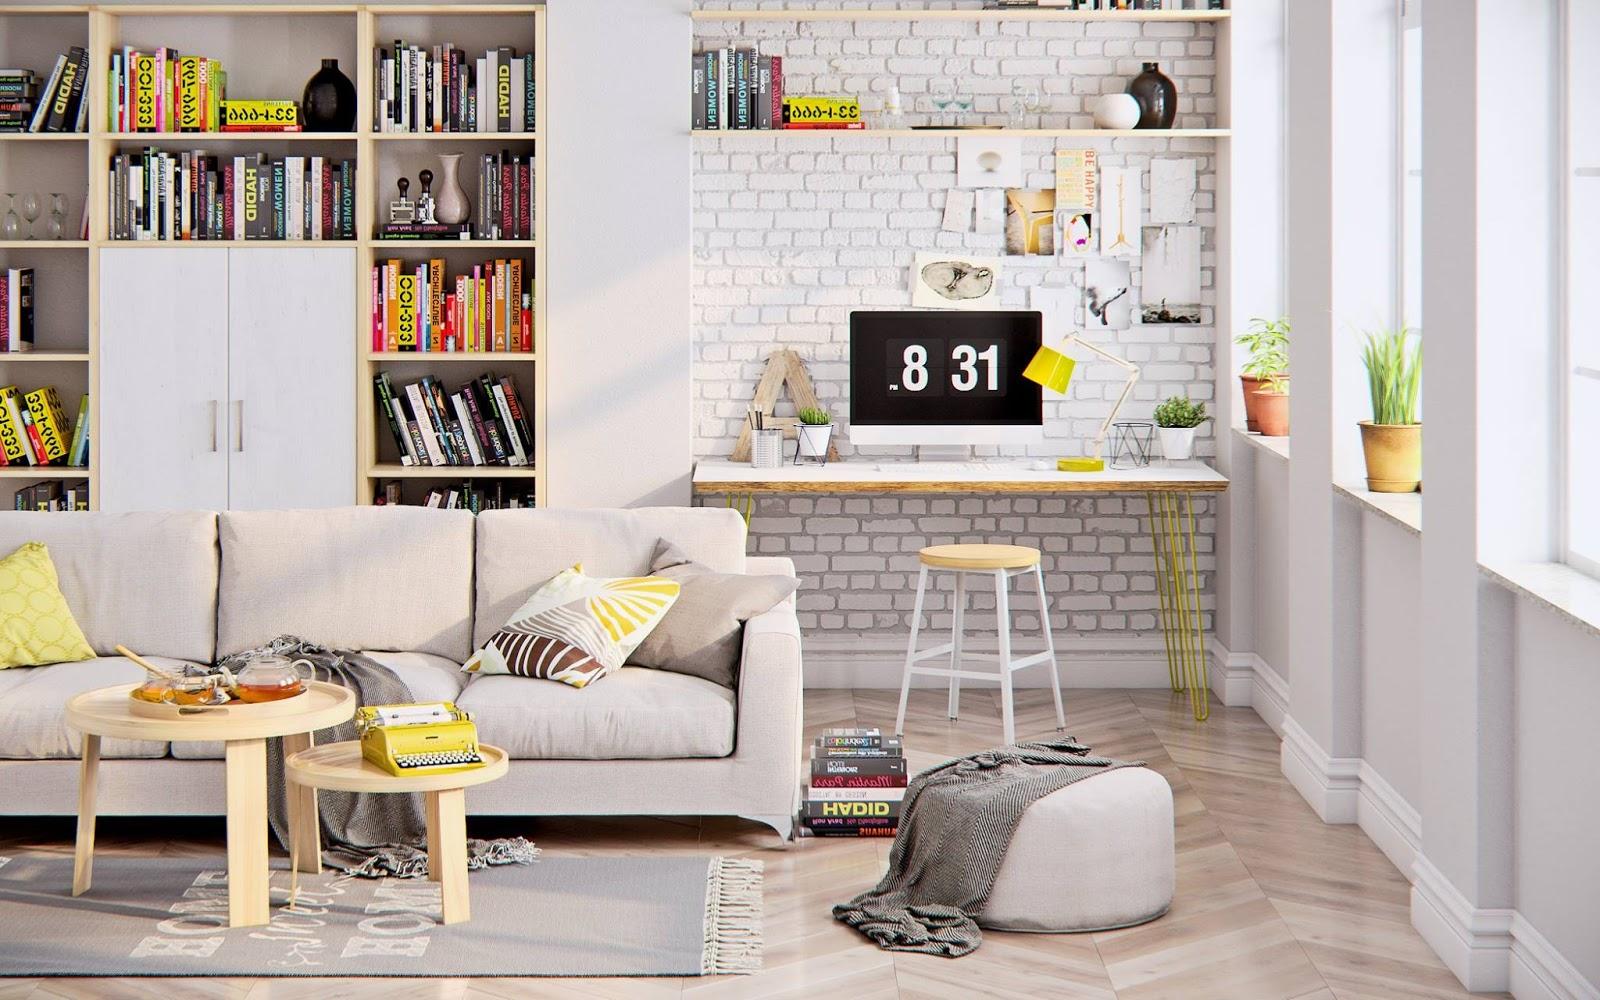 Aqui o amarelo adiciona o contraste com o resto das cores neutras e o branco das paredes e tijolos aparente.